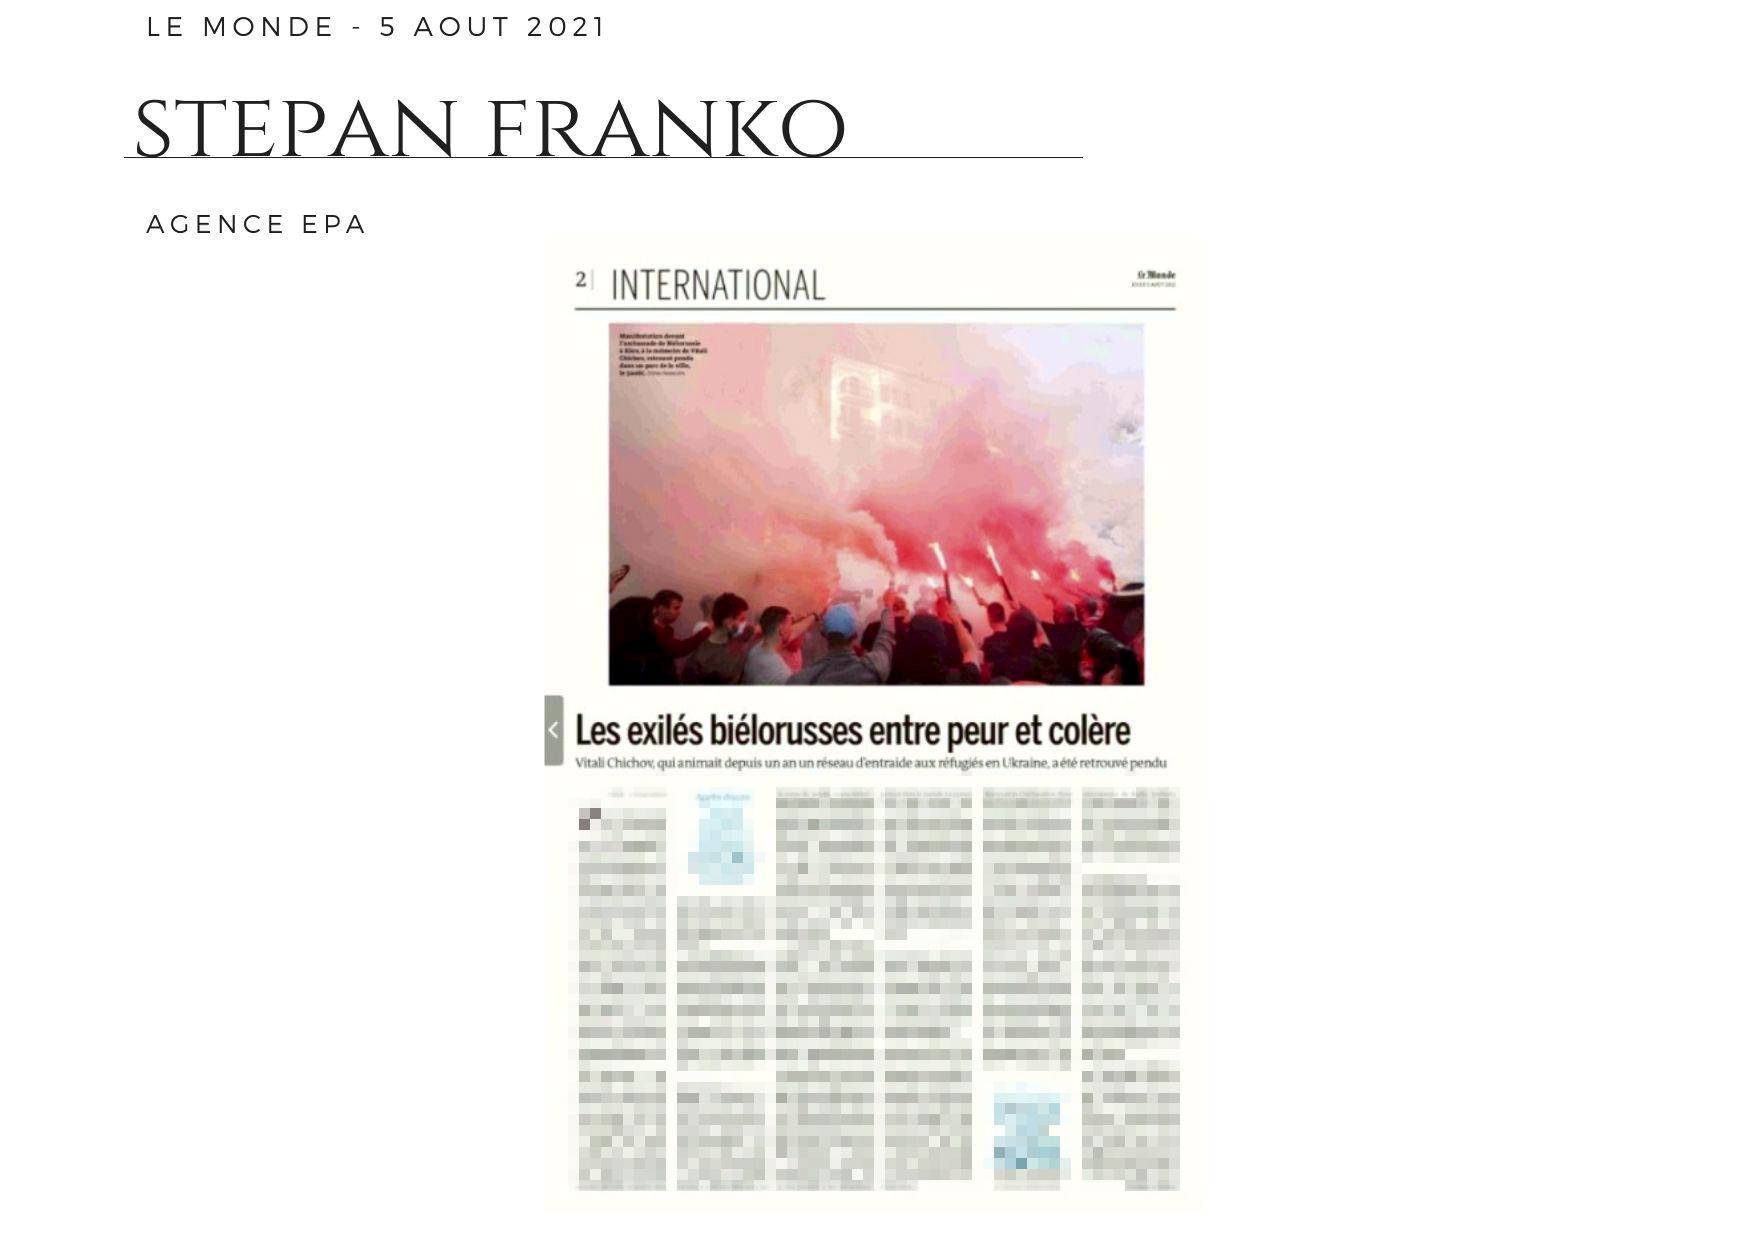 parutions-Le Monde - 5 août 2021